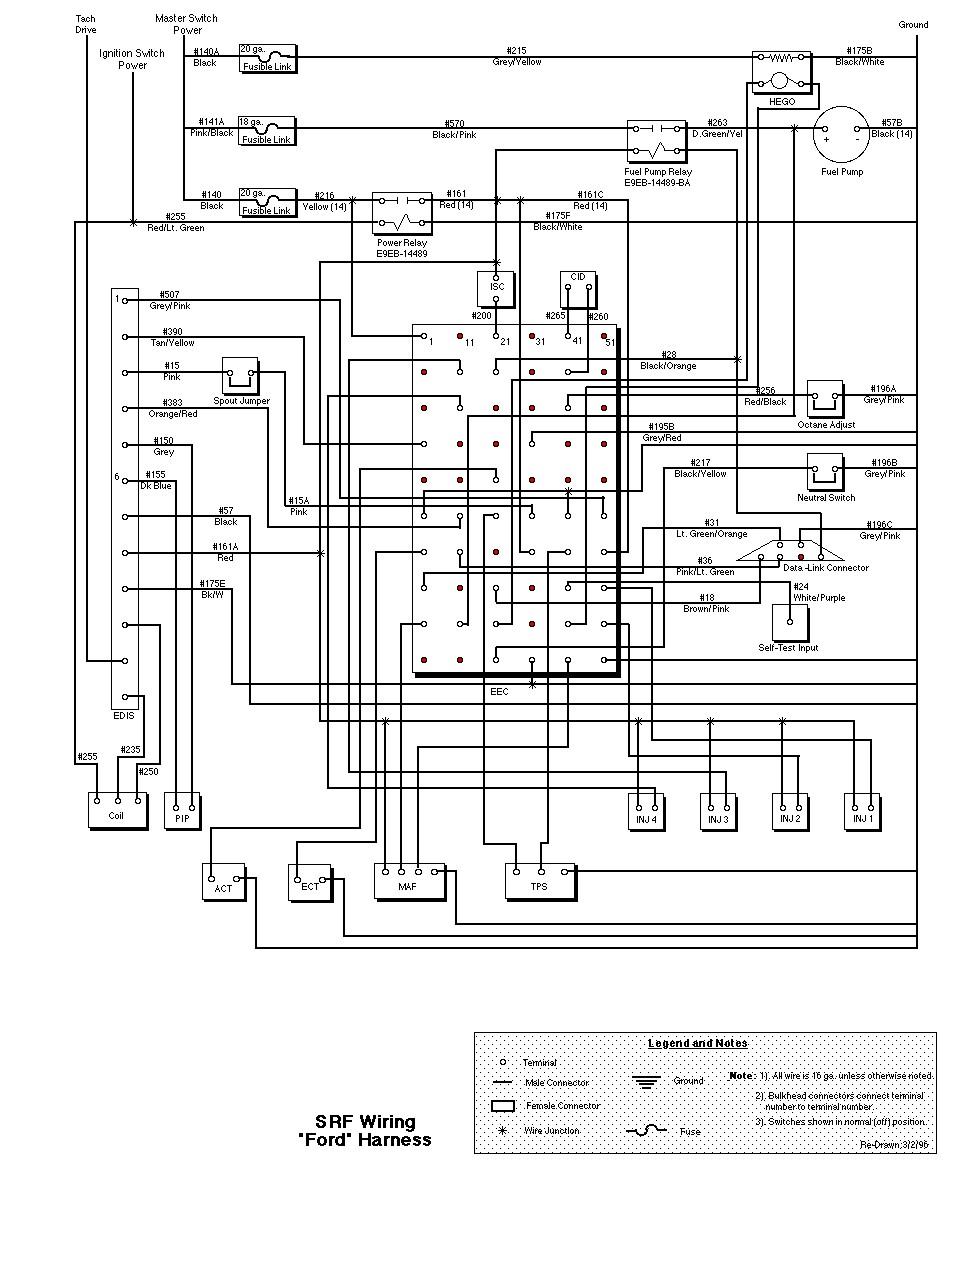 Ford L8000 Alternator Wiring - 2004 Chevy Trailblazer Wiring Diagram -  source-auto5.yenpancane.jeanjaures37.fr | Ford L8000 Alternator Wiring |  | Wiring Diagram Resource